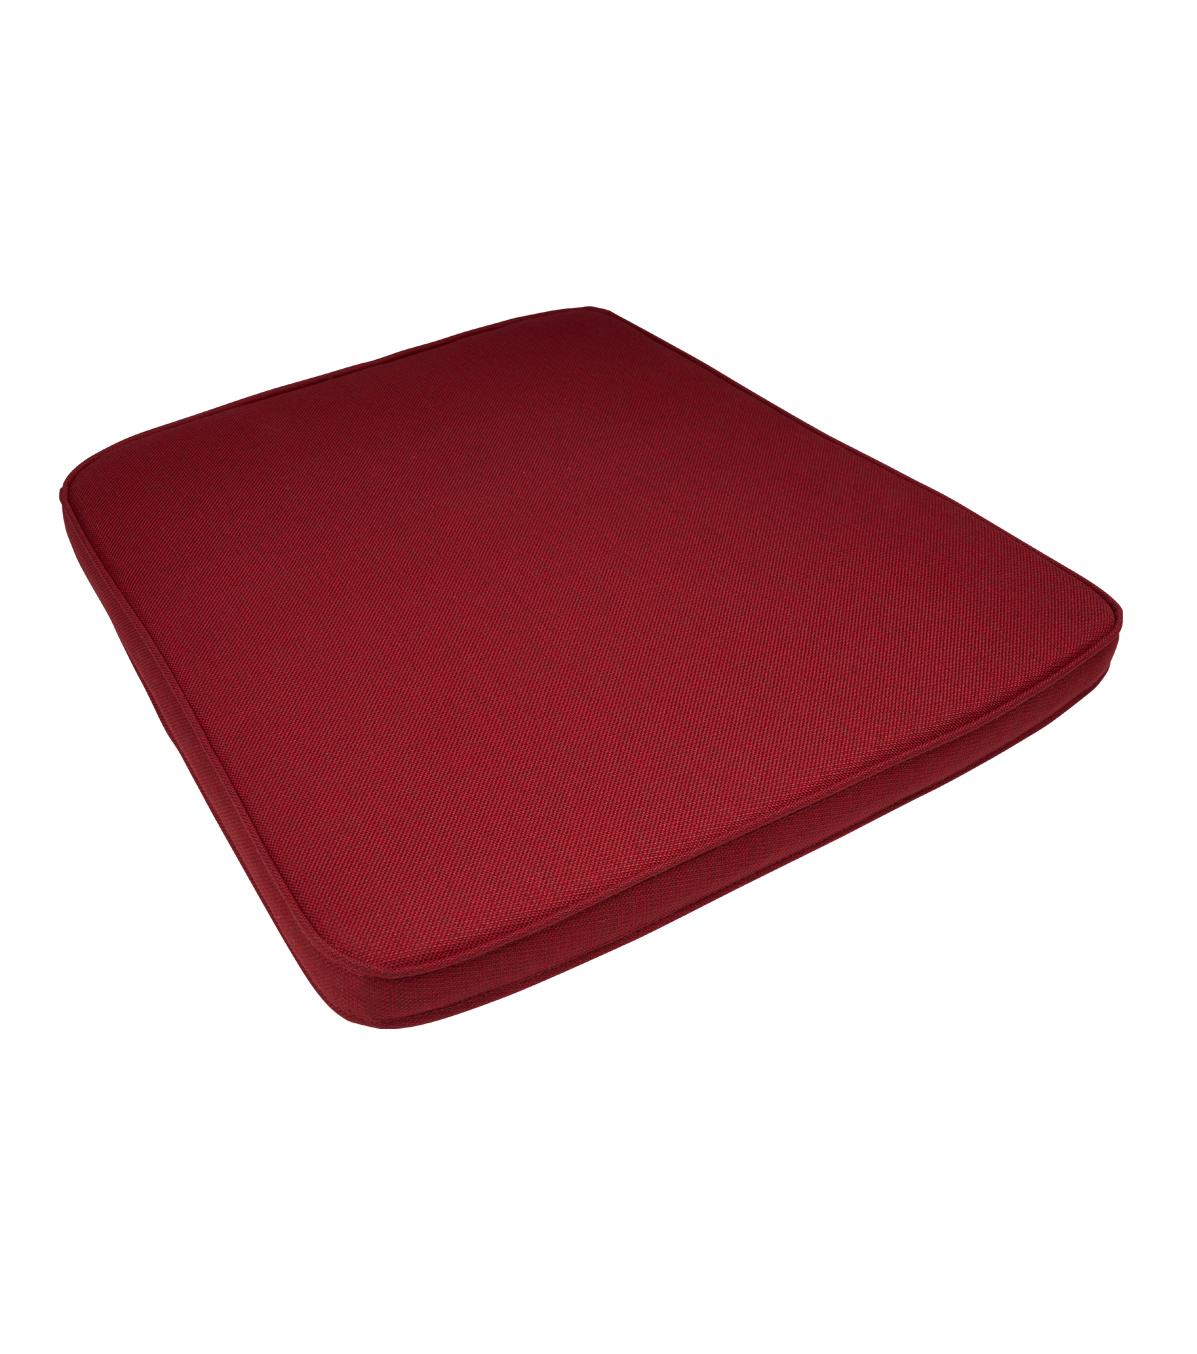 rood kussen rotan stoel 3504